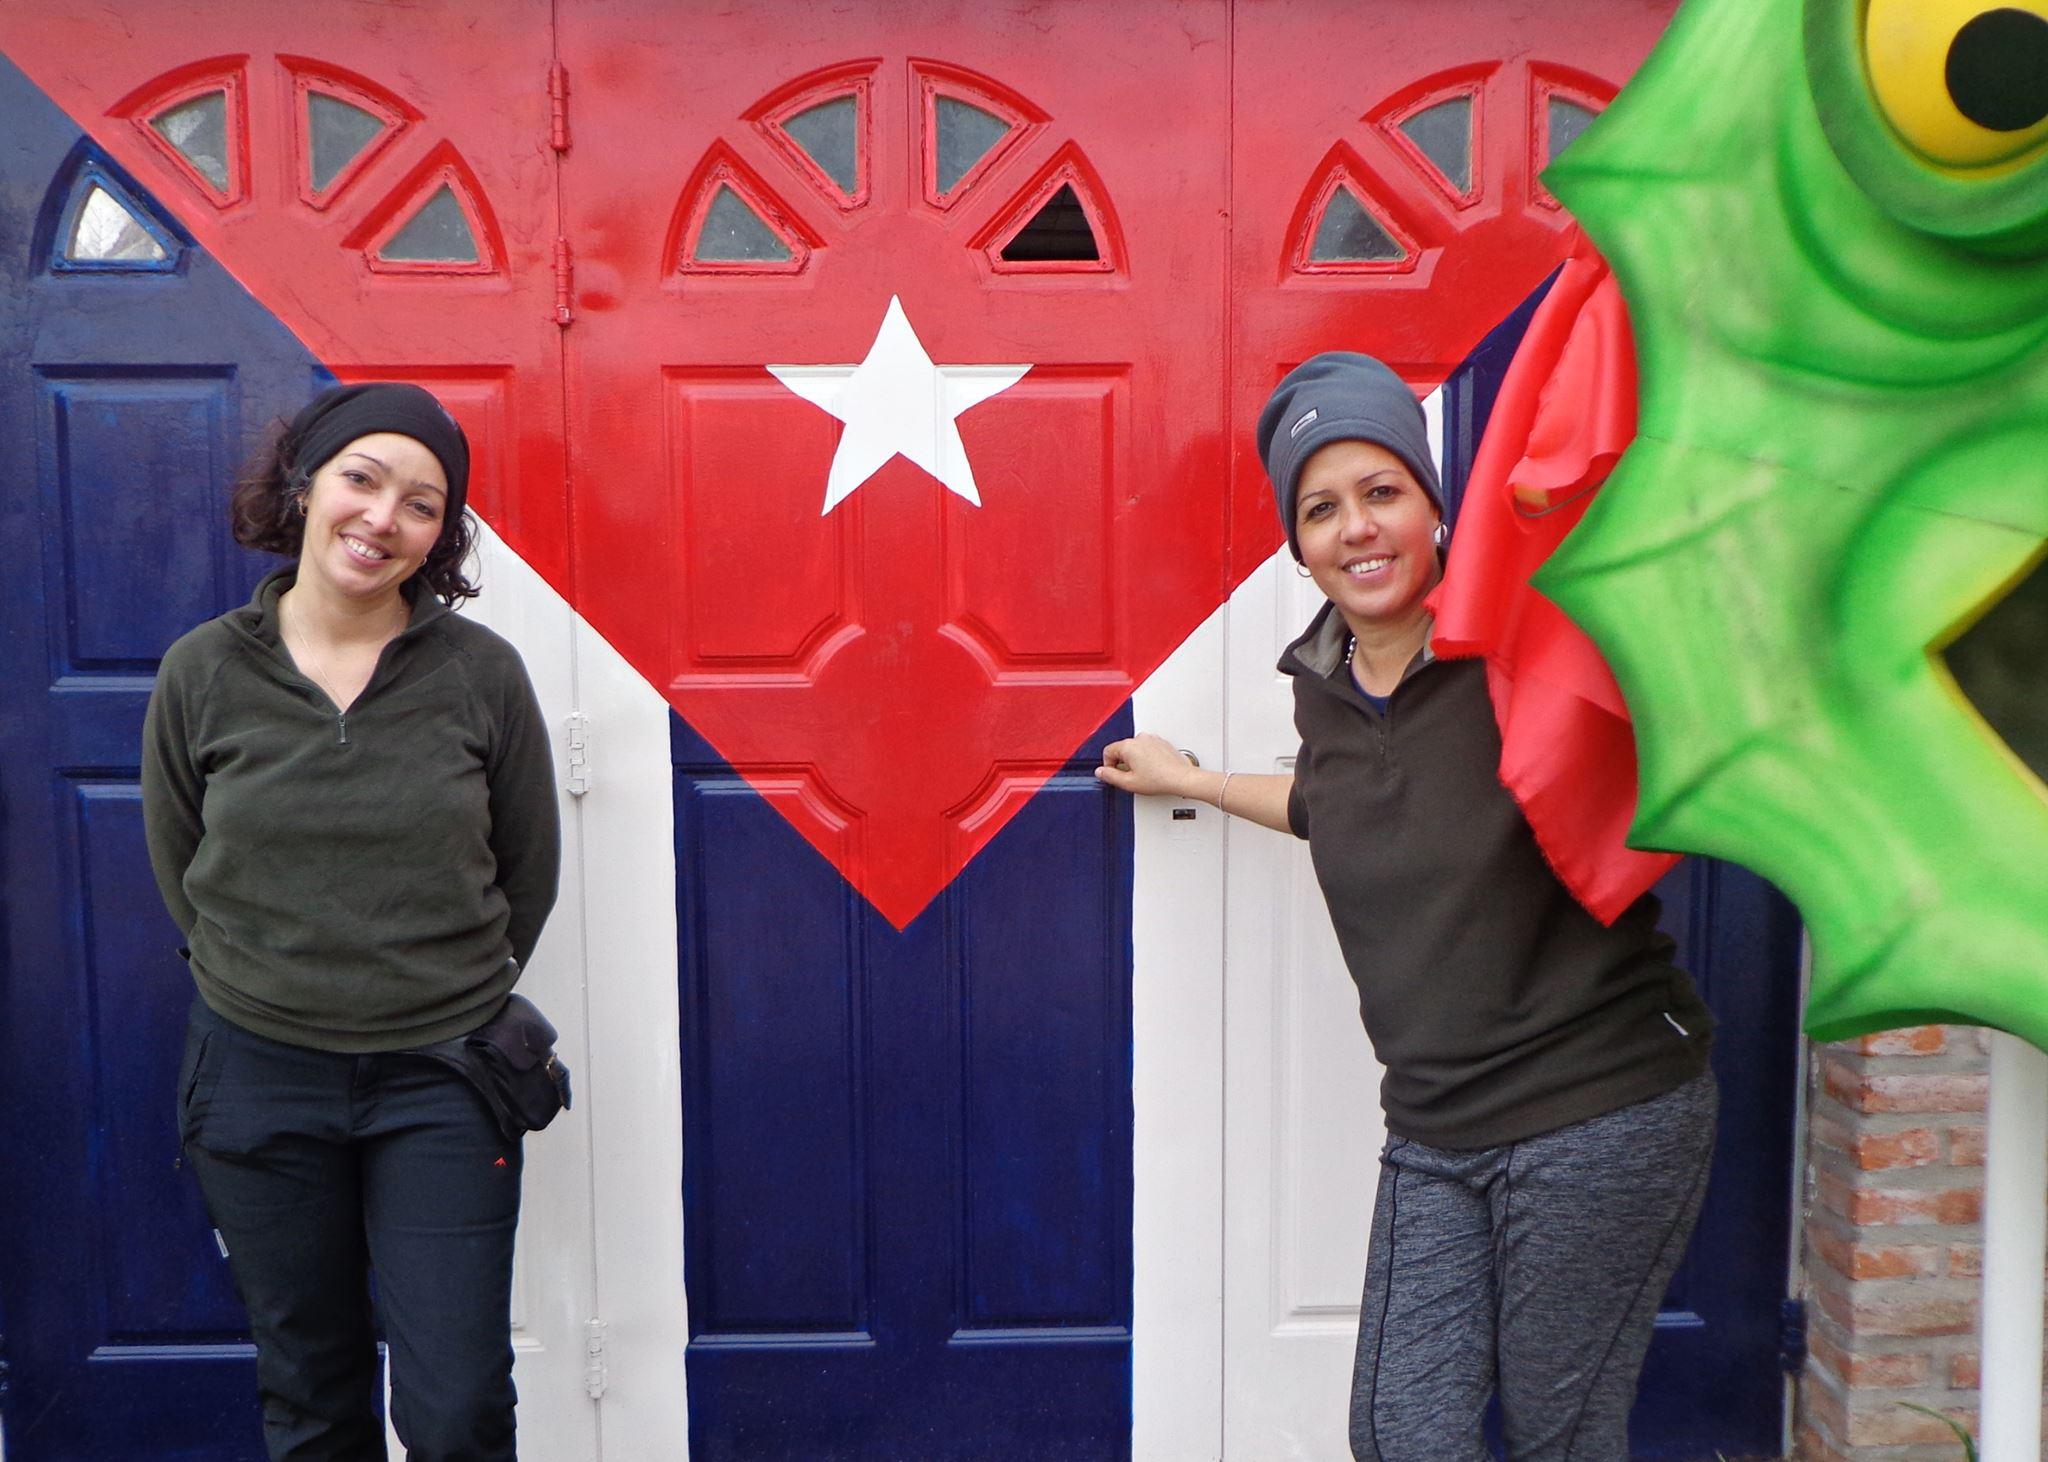 Dos cubanas que le sacan radiografía a las pampas, desde Junín y con un teatro de títeres